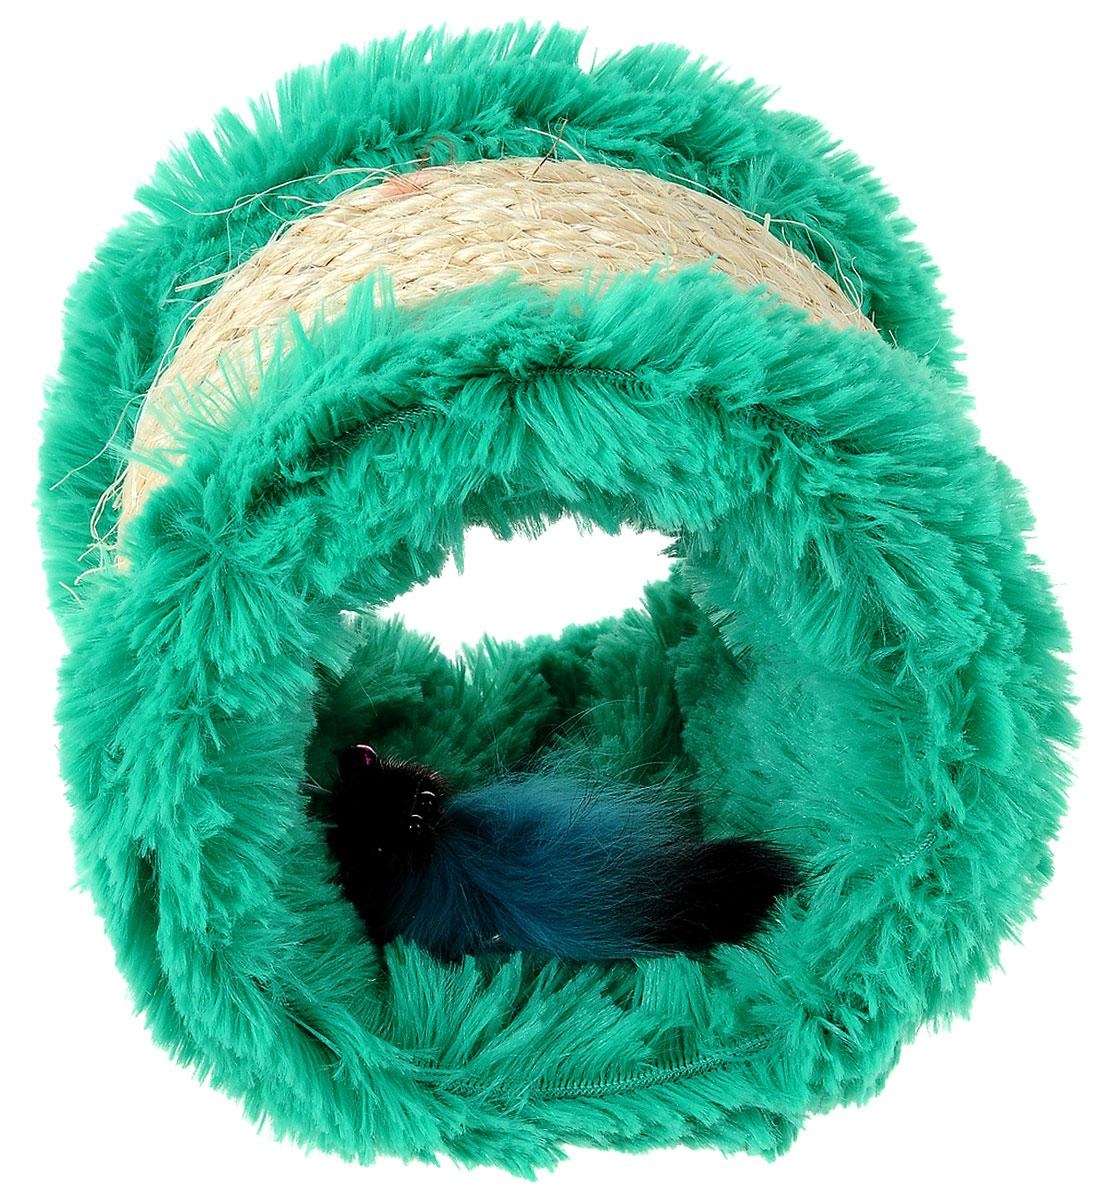 Когтеточка Zoobaloo, с игрушкой, высота 12 см336Оригинальная когтеточка разработана компанией Zoobaloo в виде цилиндра из сизаля и текстиля. Внутри когтеточки расположена мышка на резинке. Такой когтеточкой можно не только поточить коготки, но и весело поиграть, гоняя по полу лапкой или покусывая зубами. Если вы хотите сделать вашей кошке по-настоящему шикарный подарок - приобретите этот аксессуар, совместив приятное с полезным. Когтеточки - обязательный аксессуар для личной гигиены кошек, который помогает животным избавиться от мешающихся шелушащихся слоев когтя, причиняющих дискомфорт подушечкам лап. Кроме того волокна сизаля - натуральный растительный продукт, который не только является очень крепким и стойким к повреждениям, но так же имеет отталкивающее бактерии покрытие, благодаря чему абсолютно безвреден для кошек. Высота игрушки: 12 см. Диаметр игрушки: 13 см.